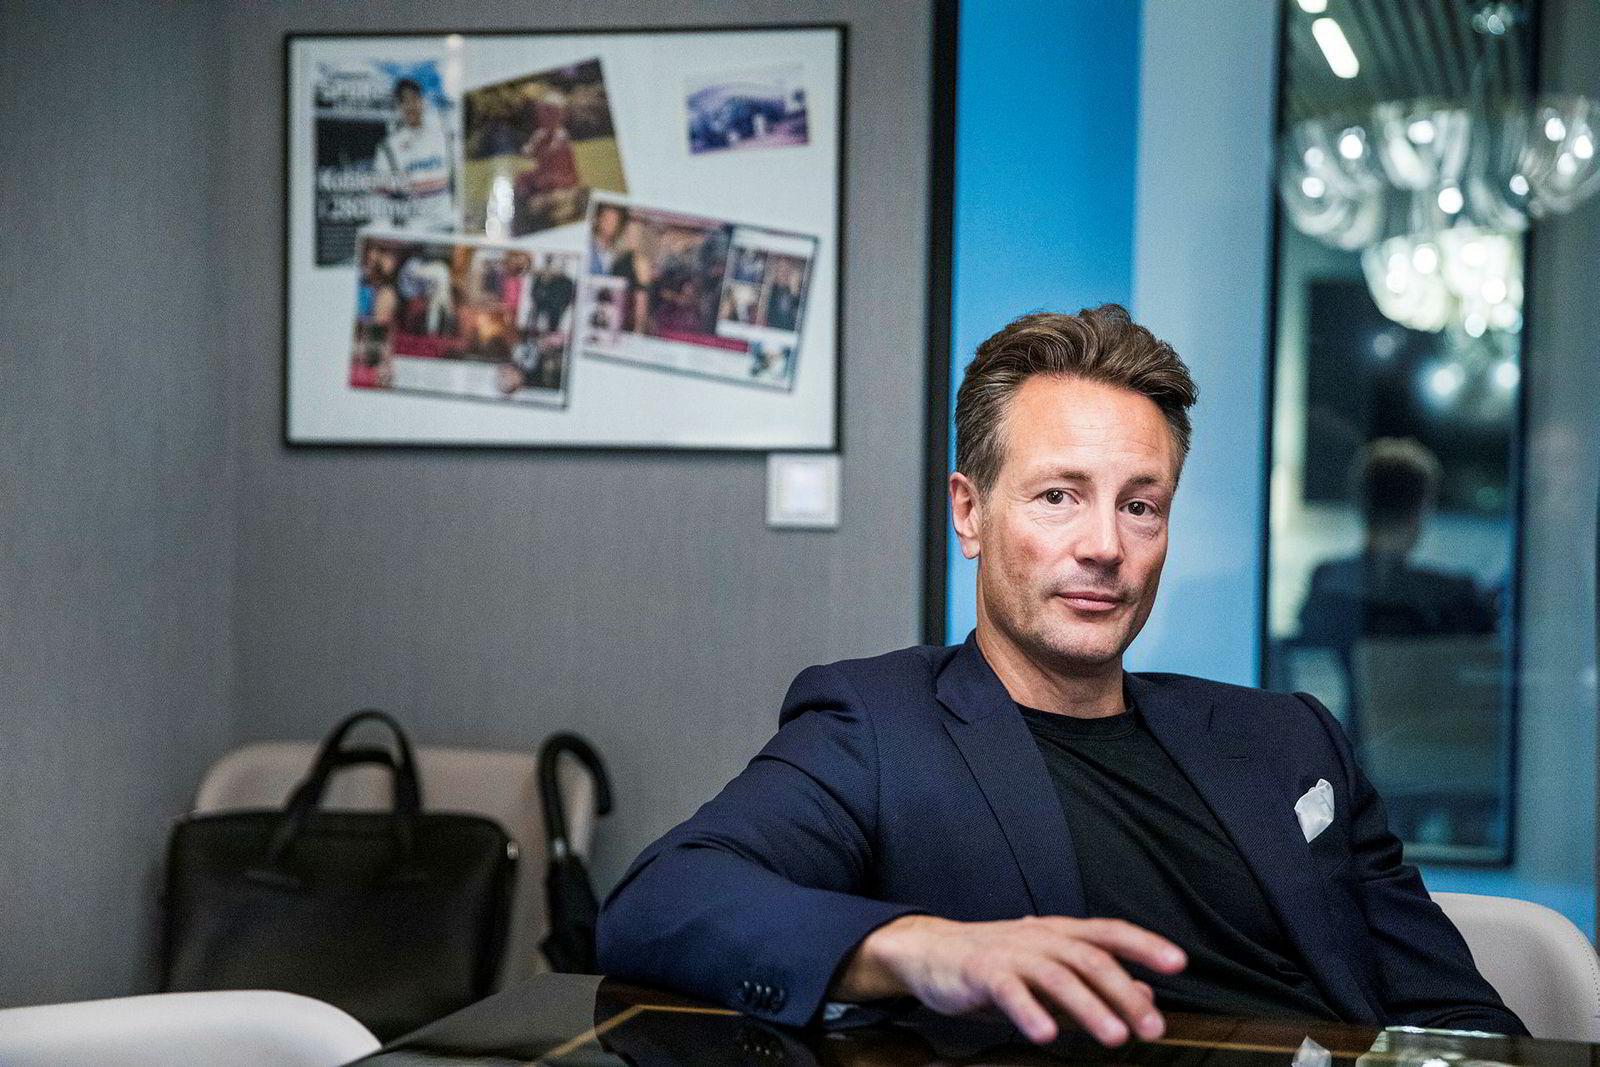 Runar Vatne på kontoret ved siden av Oslo rådhus. Bak ham henger avisutklipp og et bilde av ham selv som liten i en olabil om sommeren.